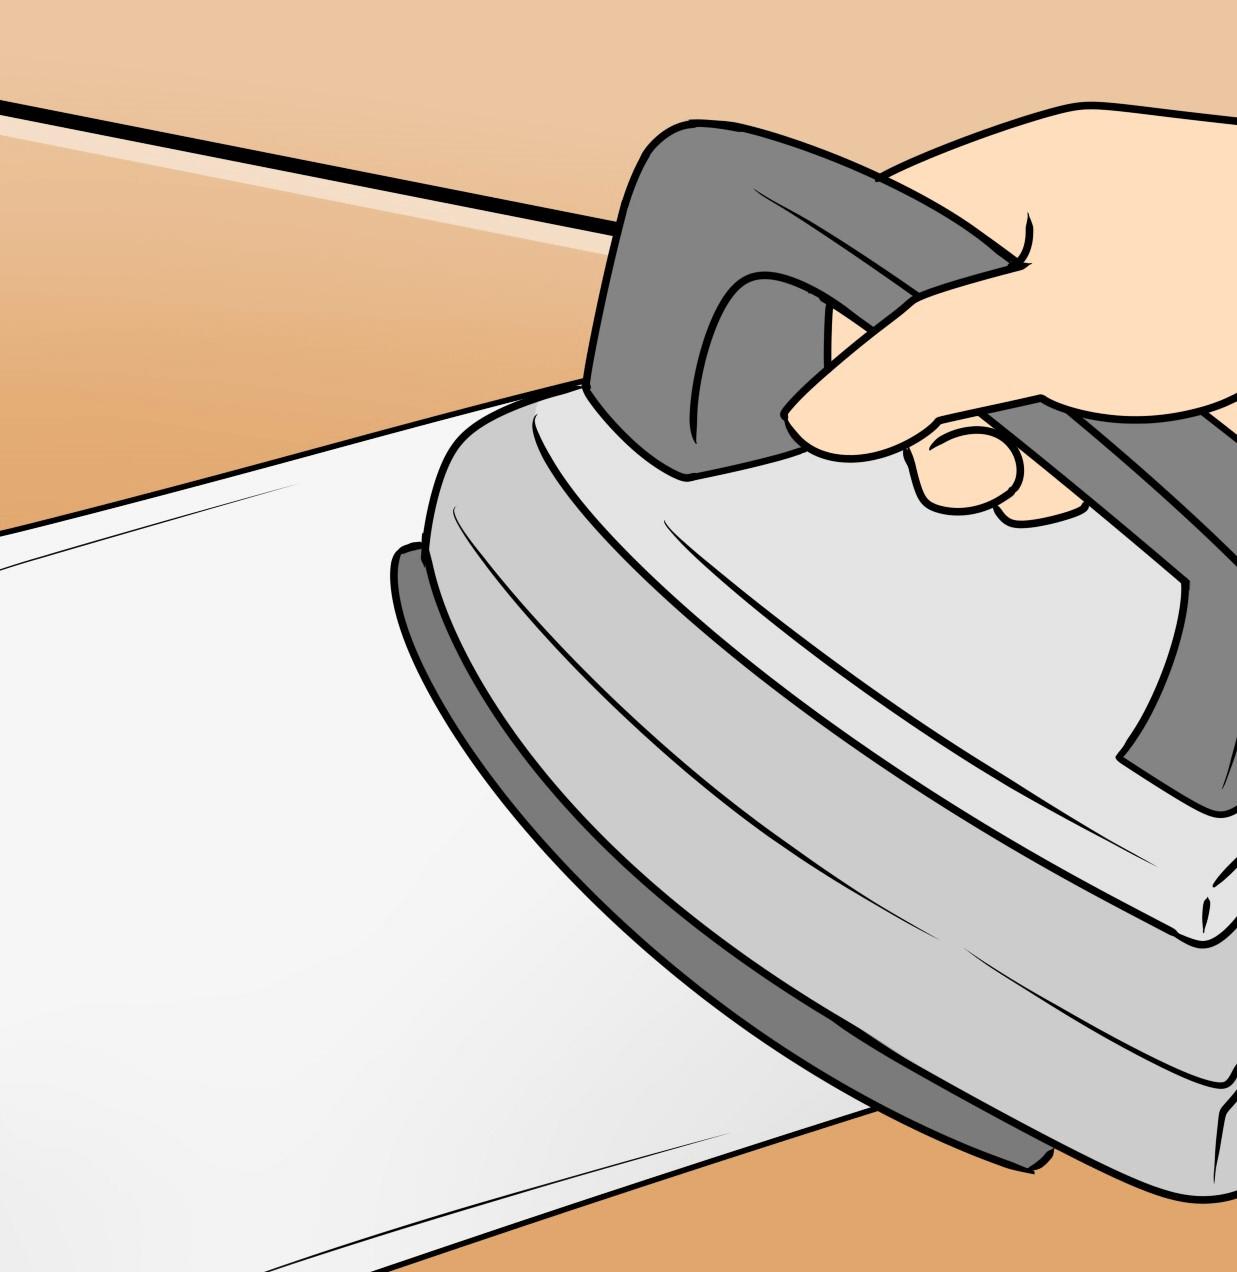 ②その後5分程度時間を置き、水で絞った薄手の布を被せアイロンを数秒当てる。